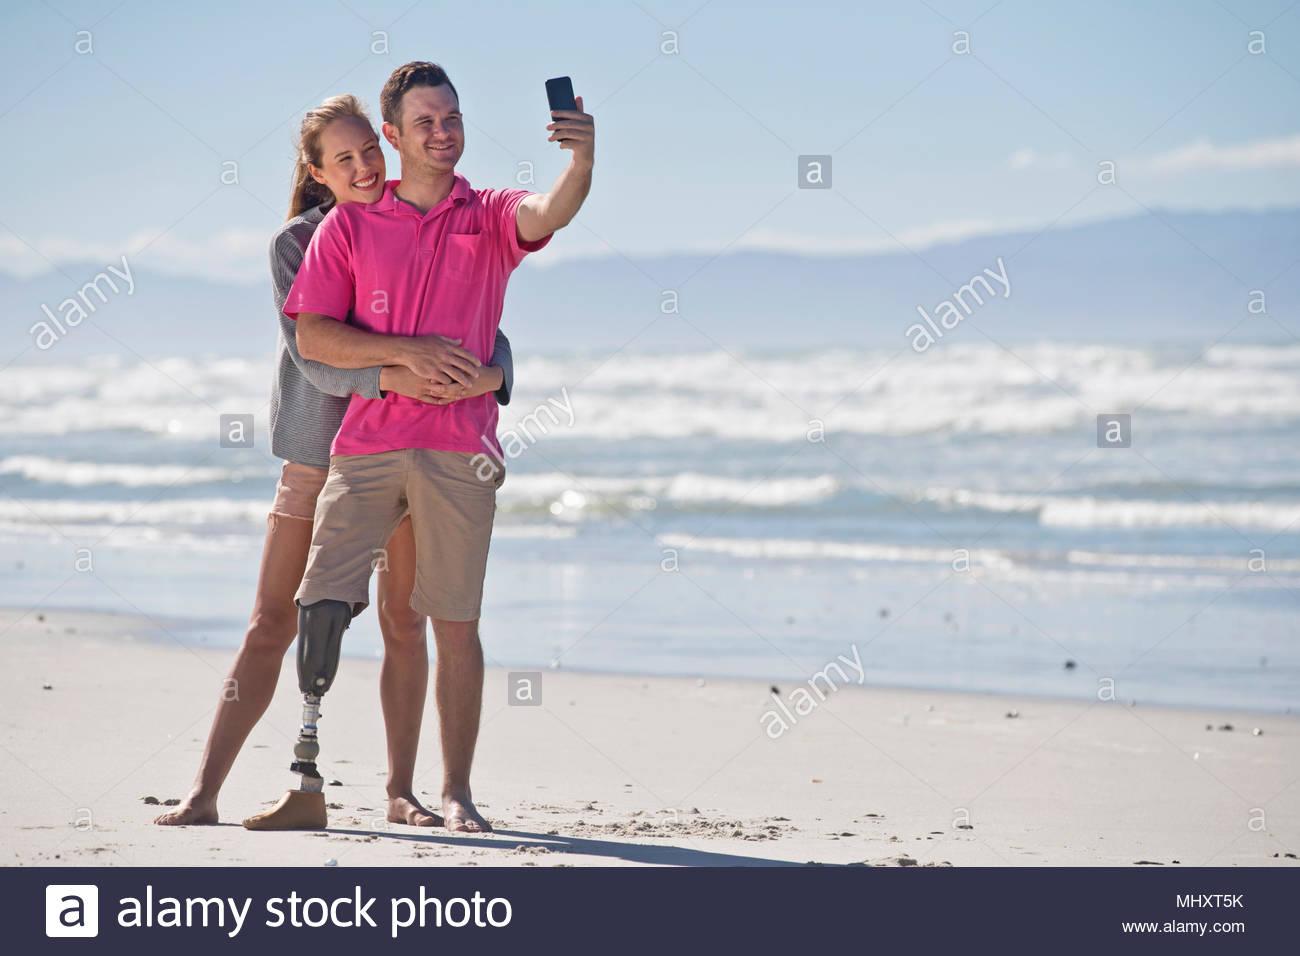 Menschen mit künstlichen Bein Posieren für Selfie mit weiblichen Partner während der Sommer Strand Urlaub in Südafrika Stockbild